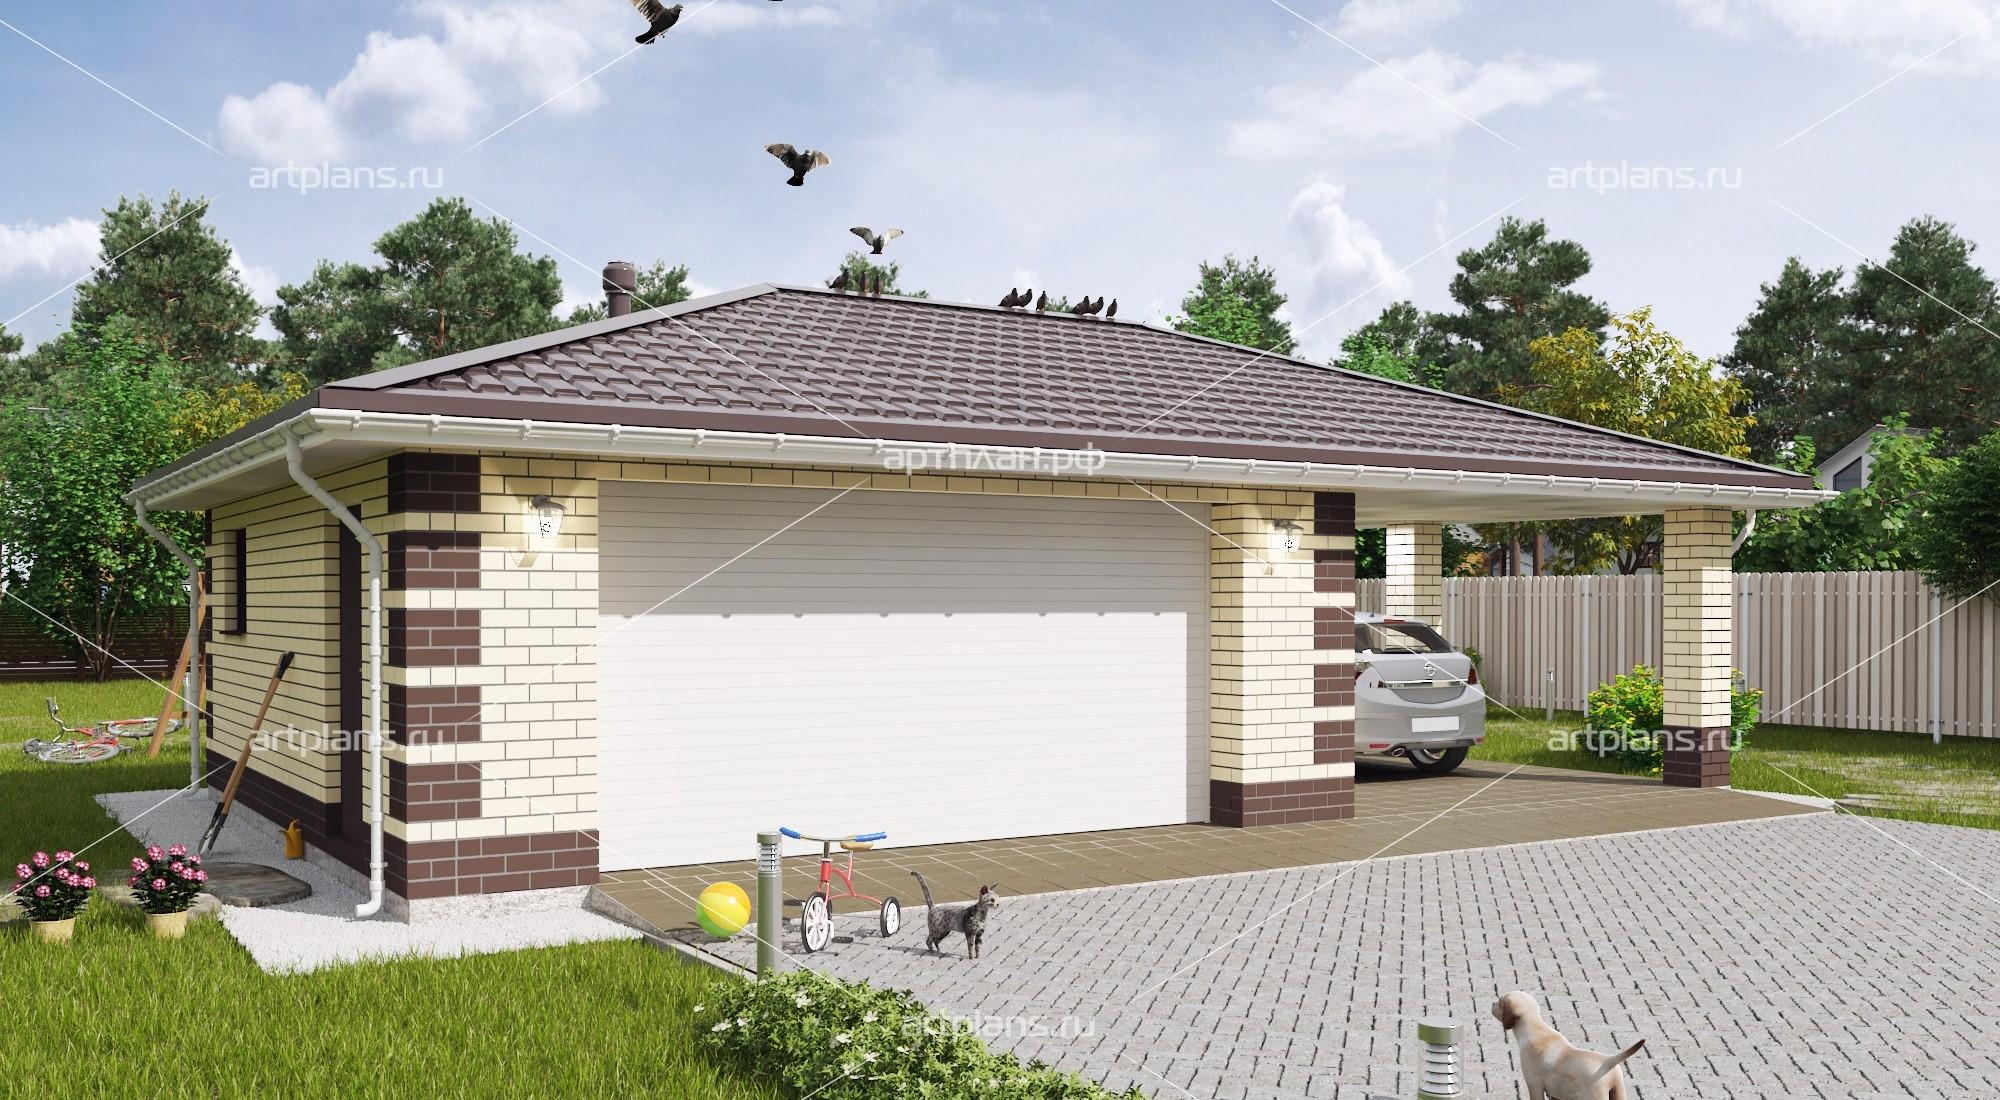 Более 50 типовых проектов гаражей